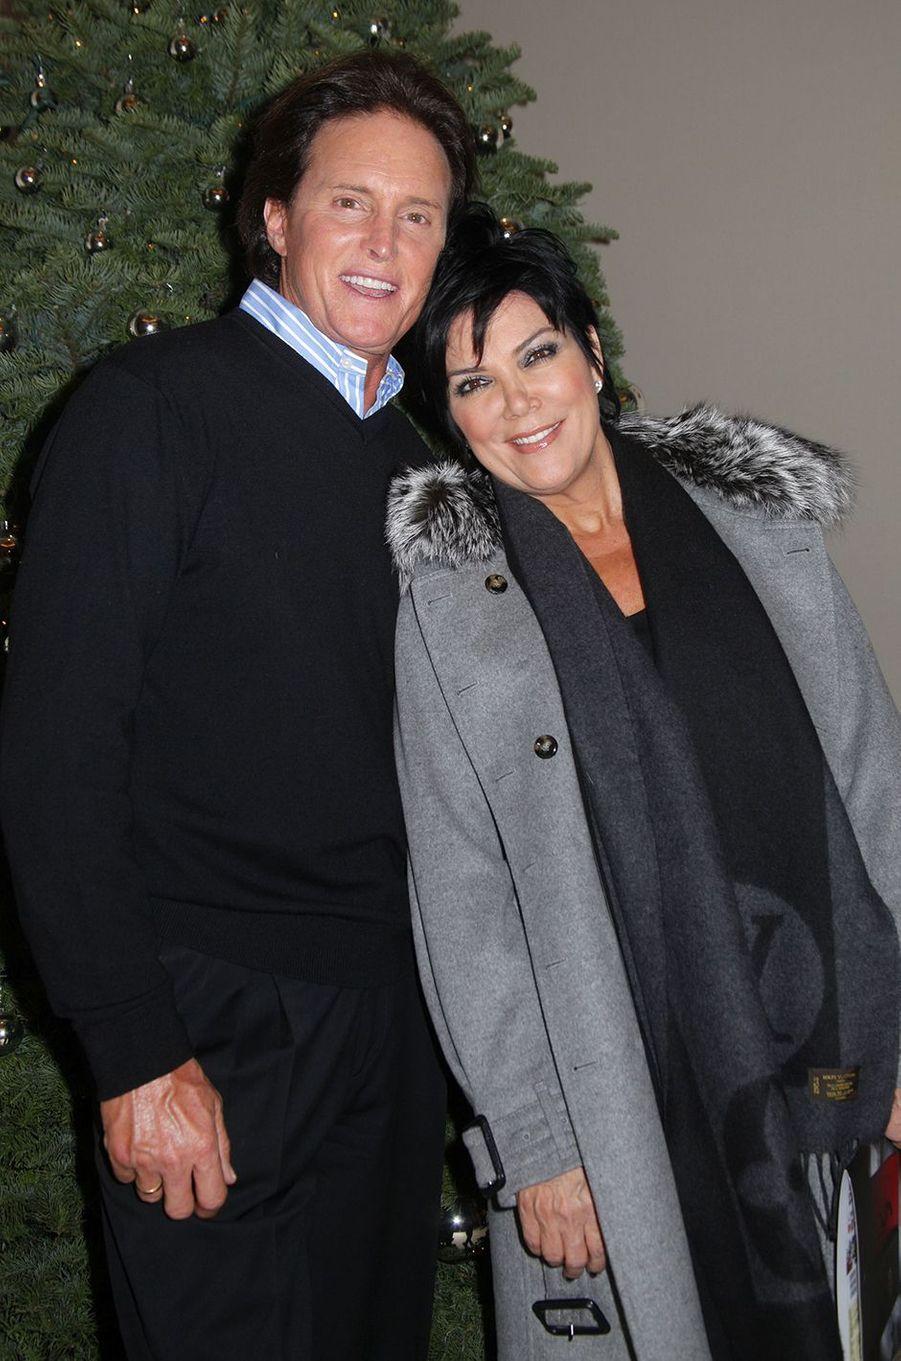 Bruce et Kris Jenner lors d'une soirée à Los Angeles en décembre 2009